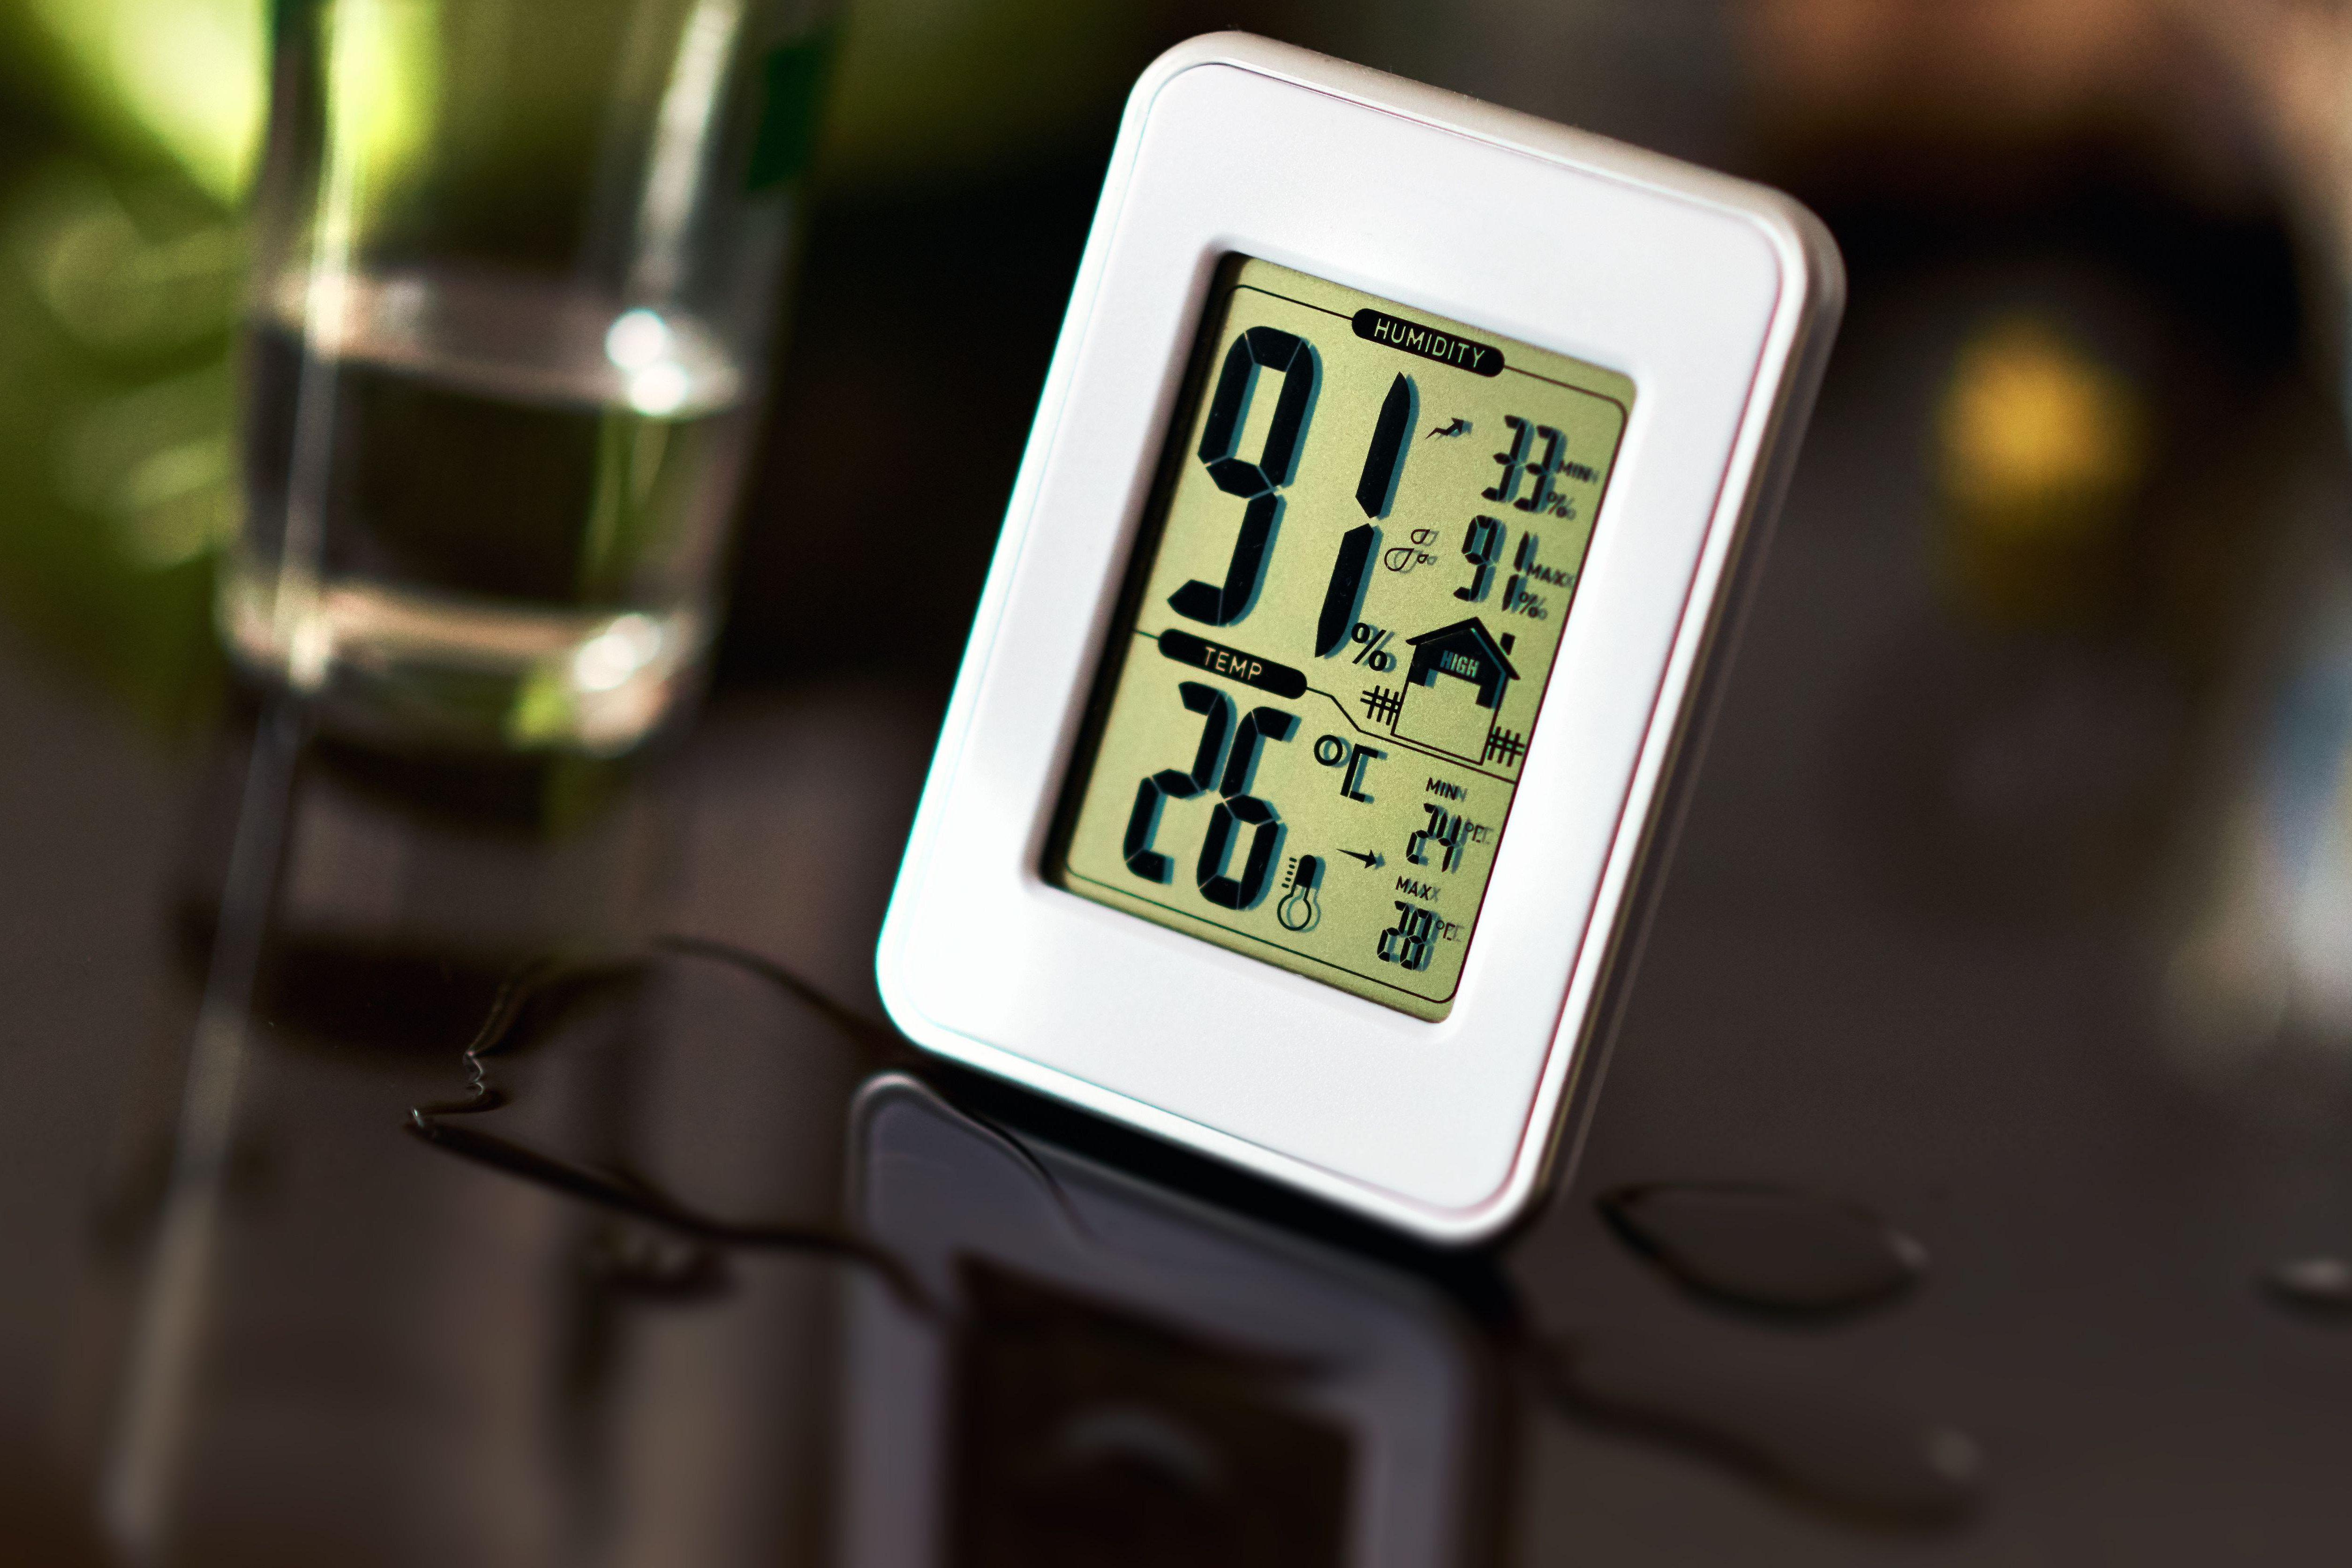 Электронные гигрометры: цифровые термометры-гигрометры с выносным датчиком и поверкой, другие модели. как они работают?